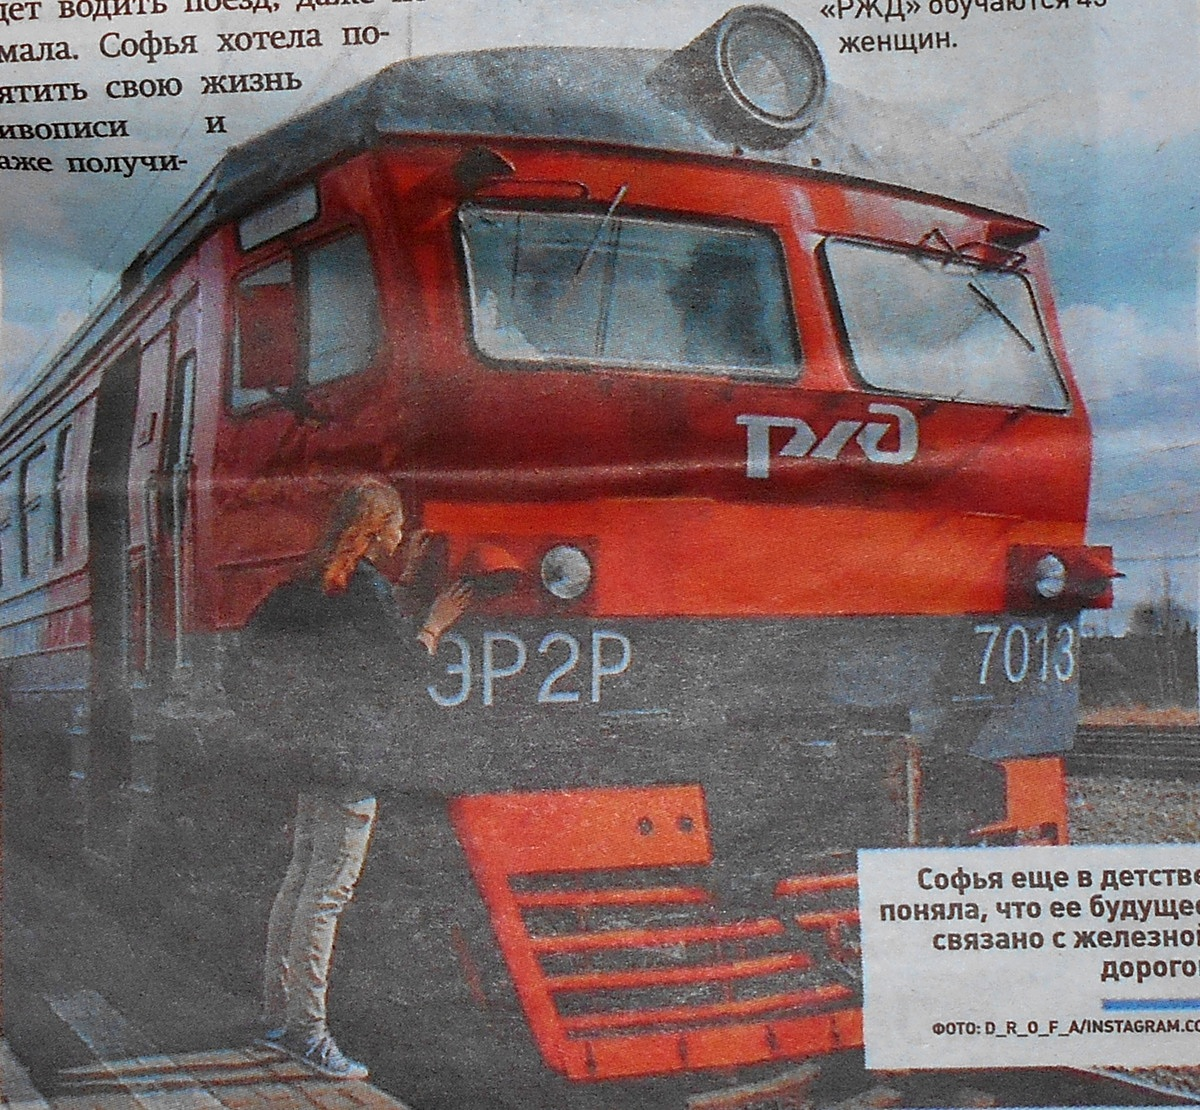 Московская область. ЭР2Р-7013